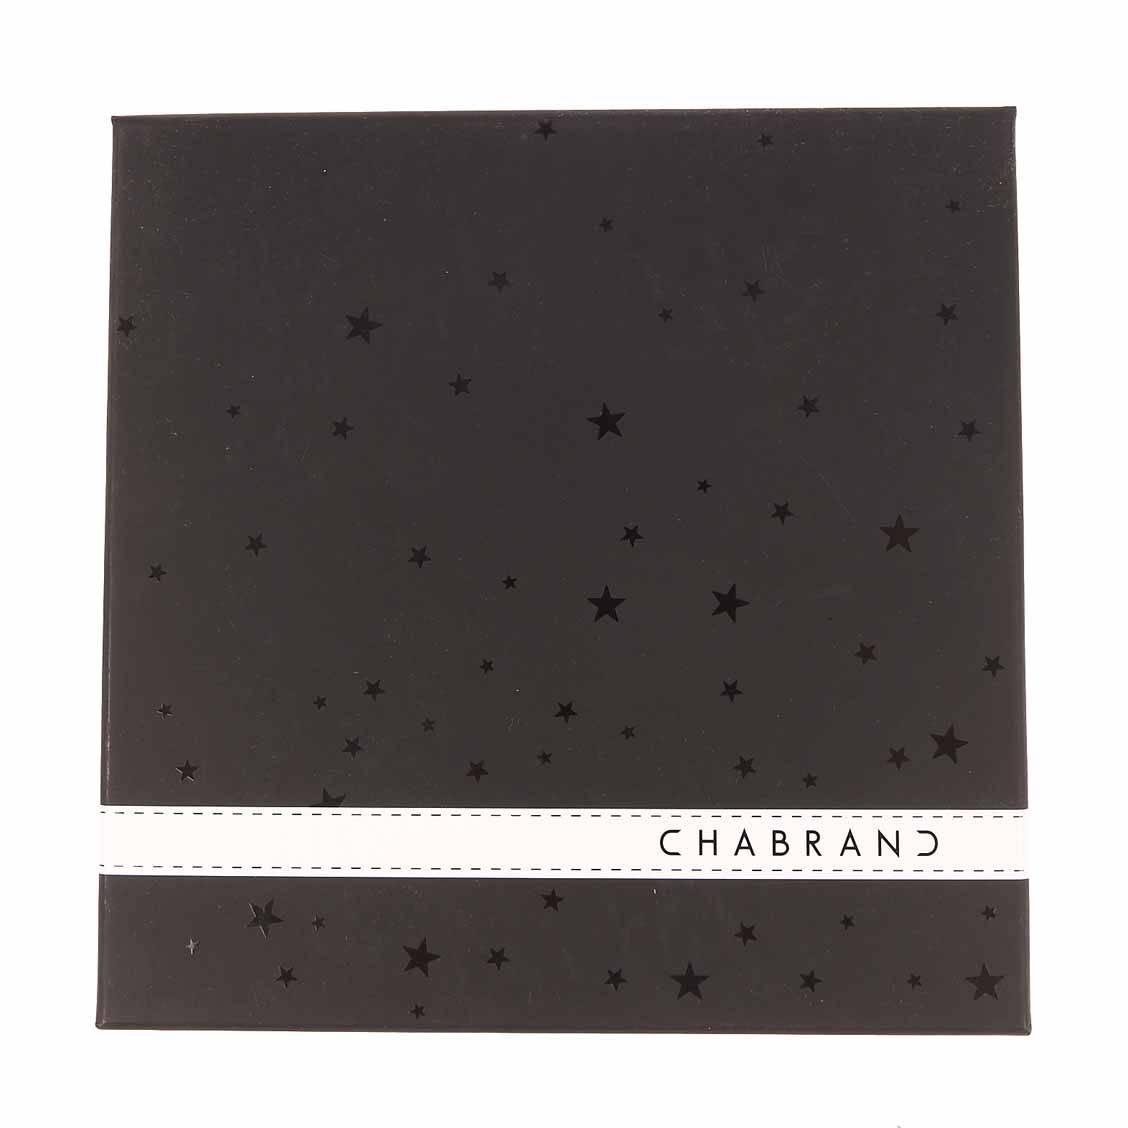 Coffret cadeau Chabrand ceinture ajustable en cuir noir réversible avec 2 boucles classique et pleine mate